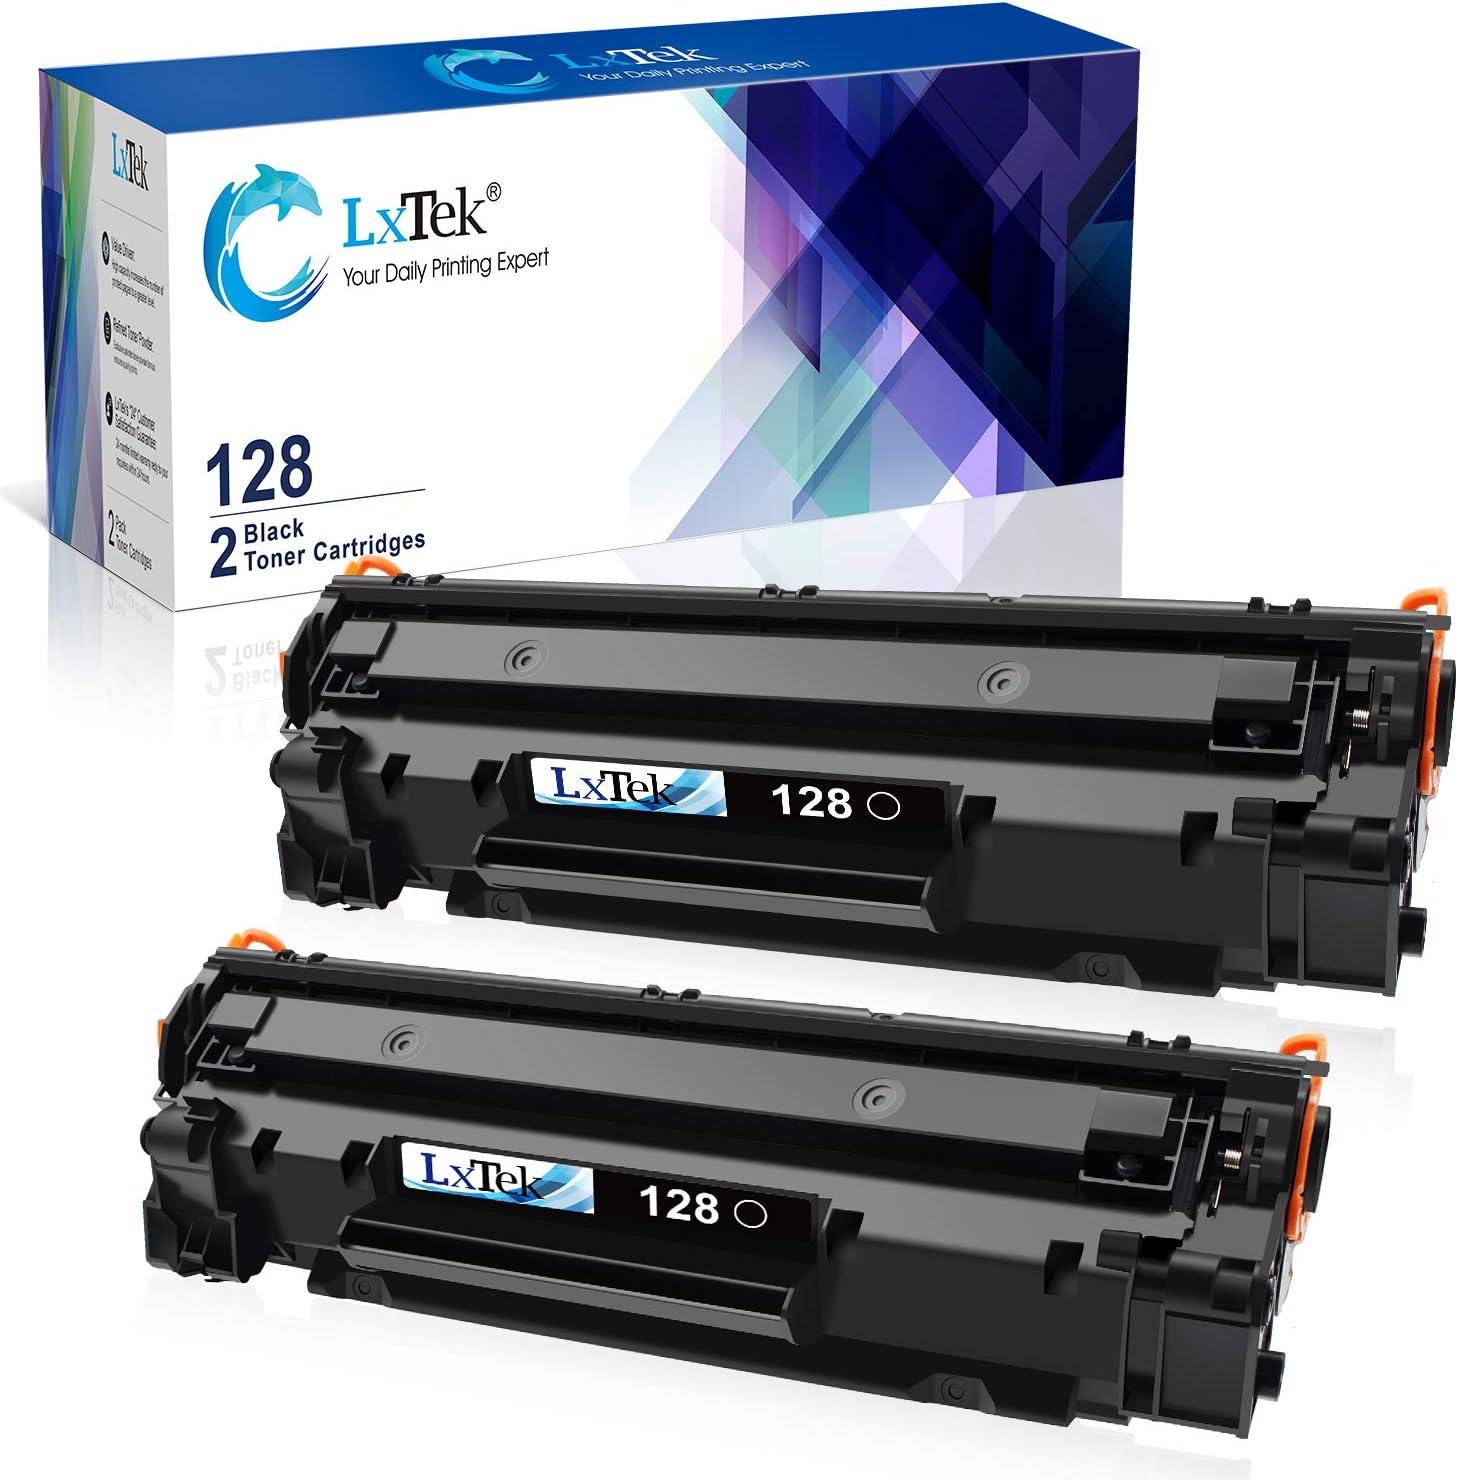 10 PK C128 3500B001AA Toner Cartridge Lots for Canon 128 ImageClass D530 MF4770n